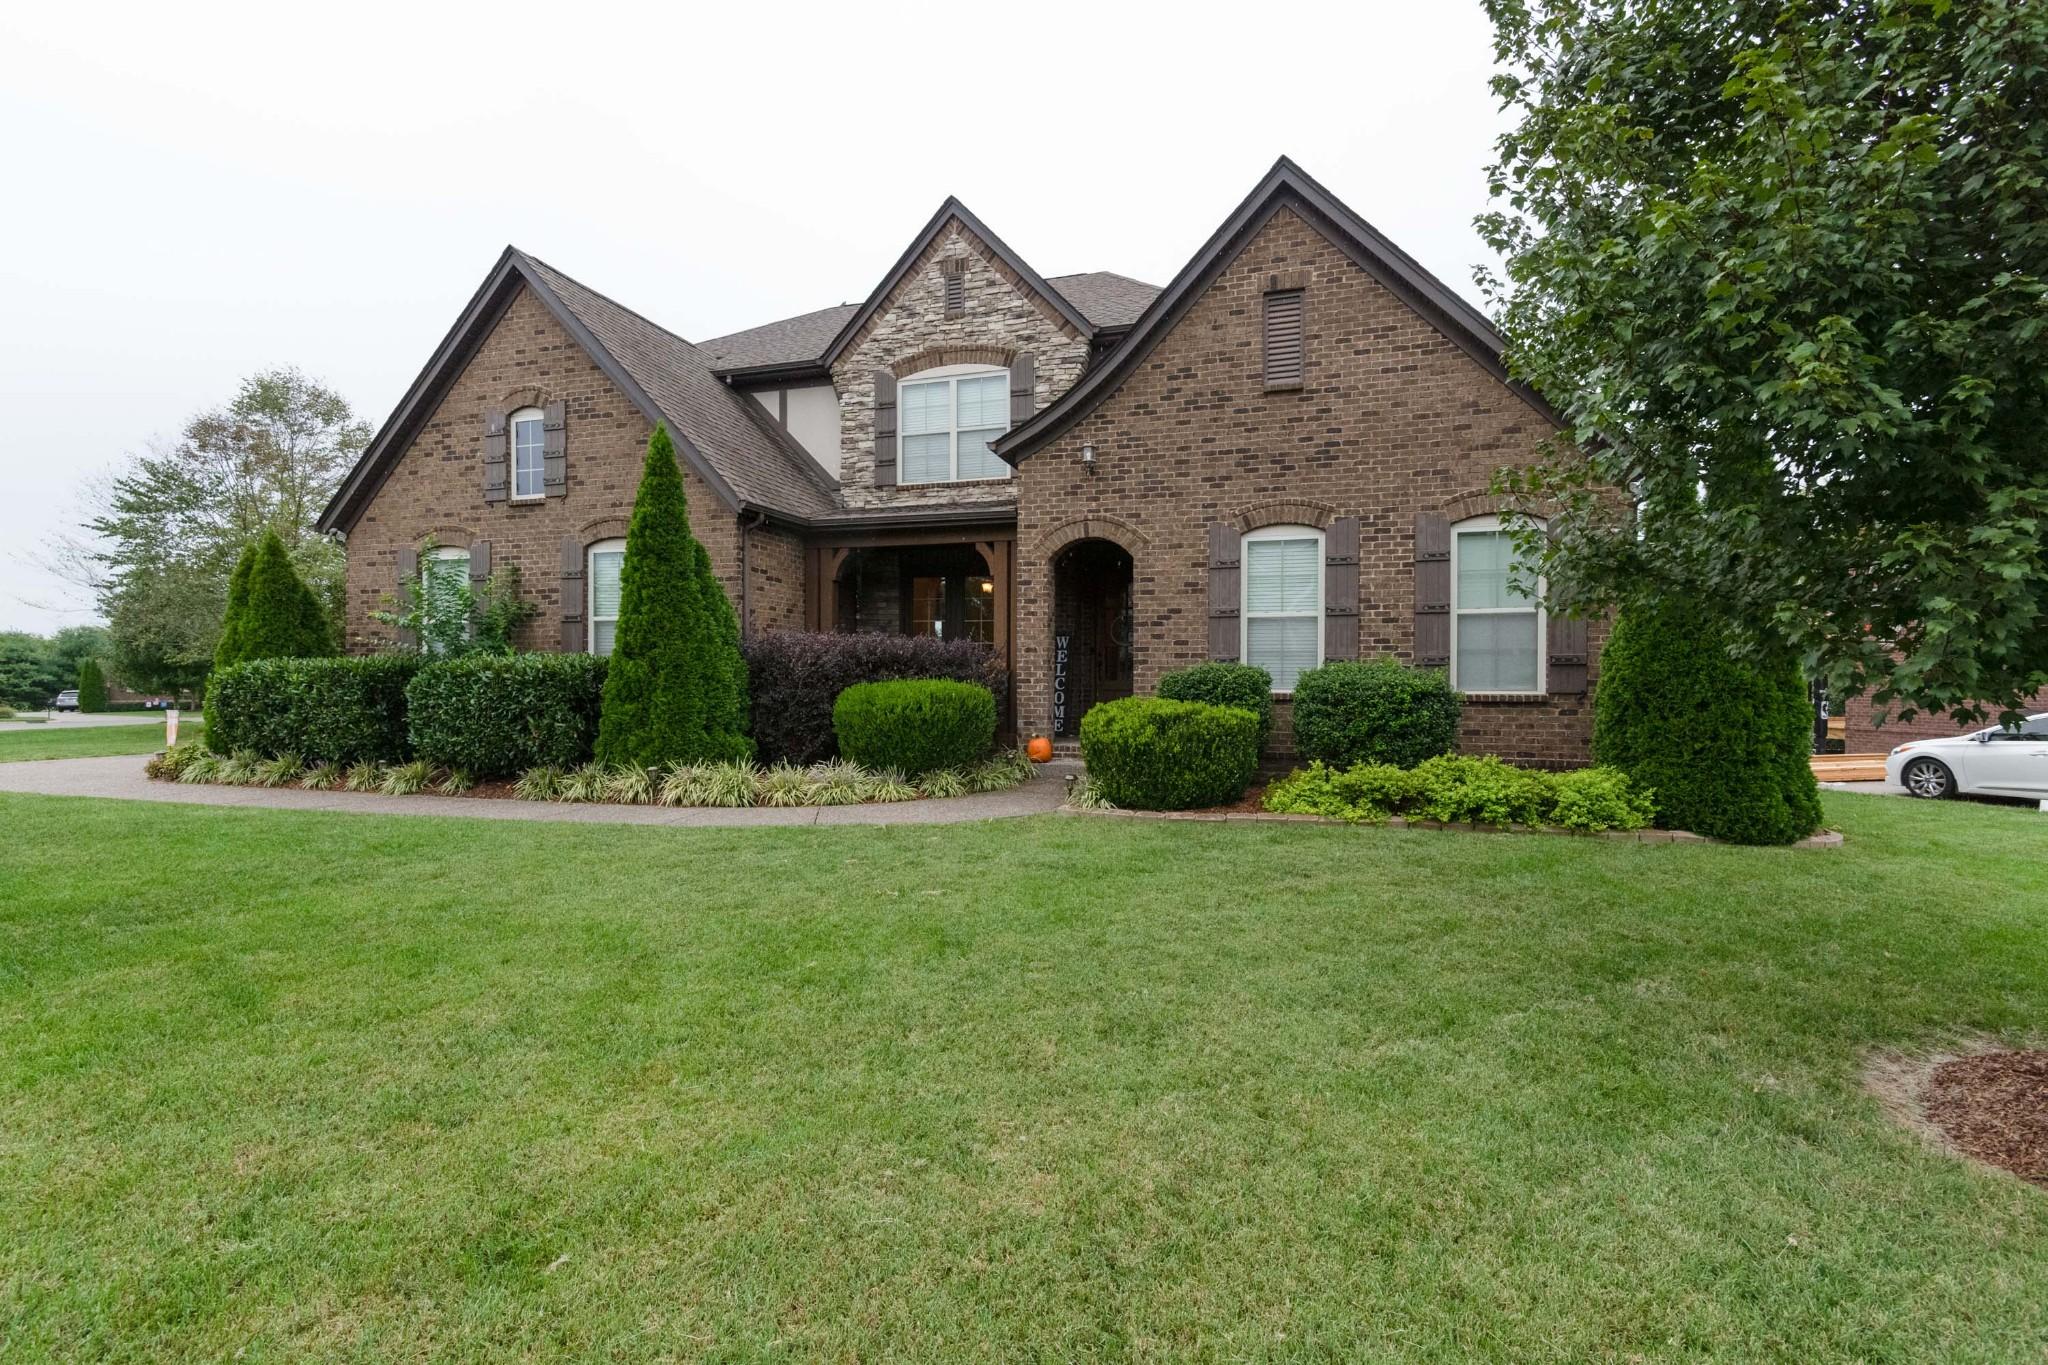 Autumn Creek Sec 3 Real Estate Listings Main Image